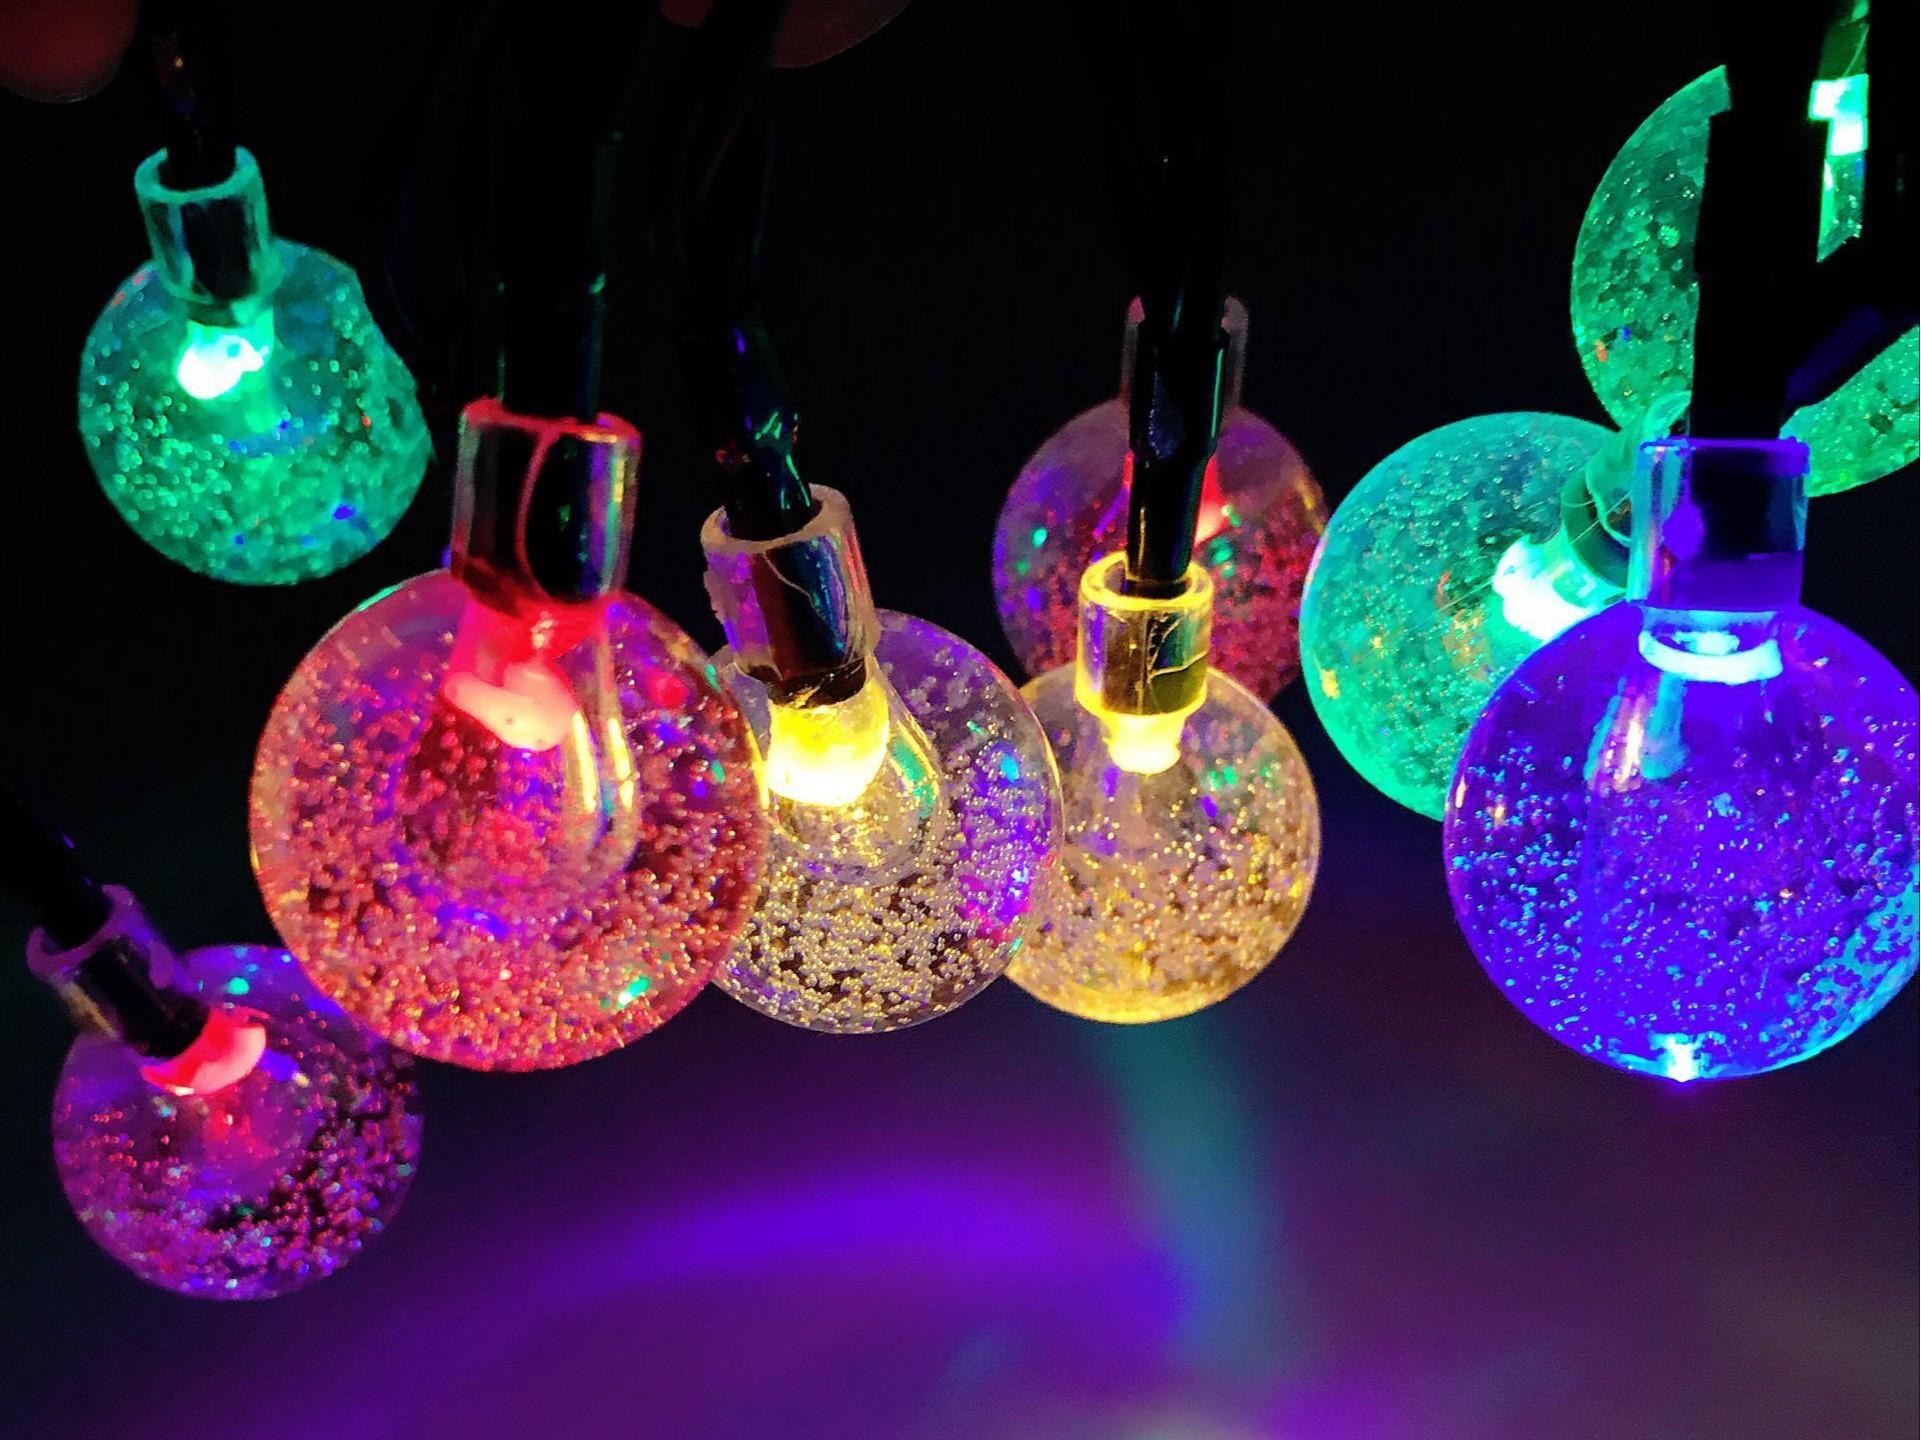 LED防爆灯申请防爆认证资讯